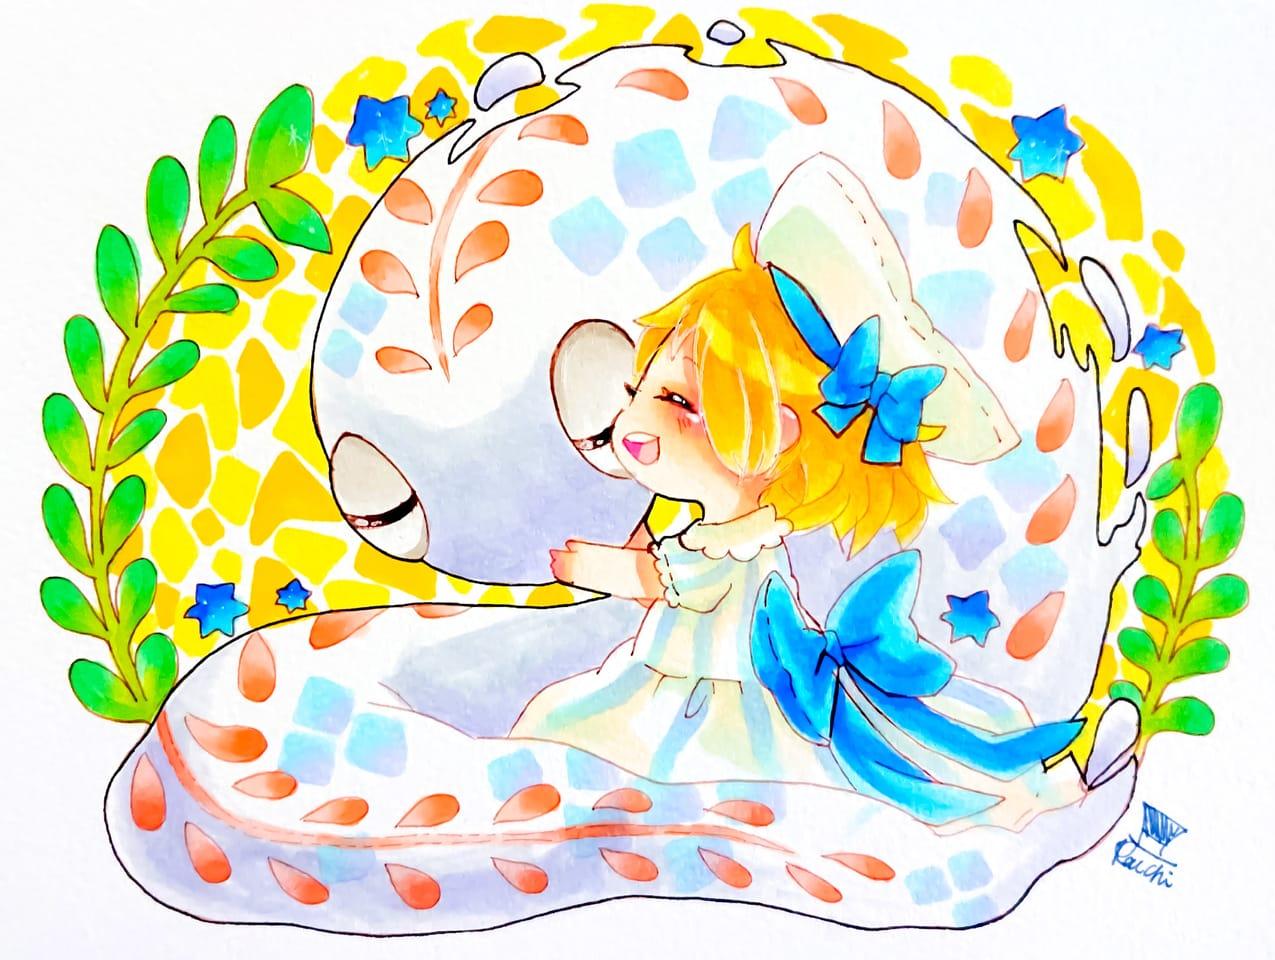 白蛇と少女 Illust of 天草ライチ oc girl Copic